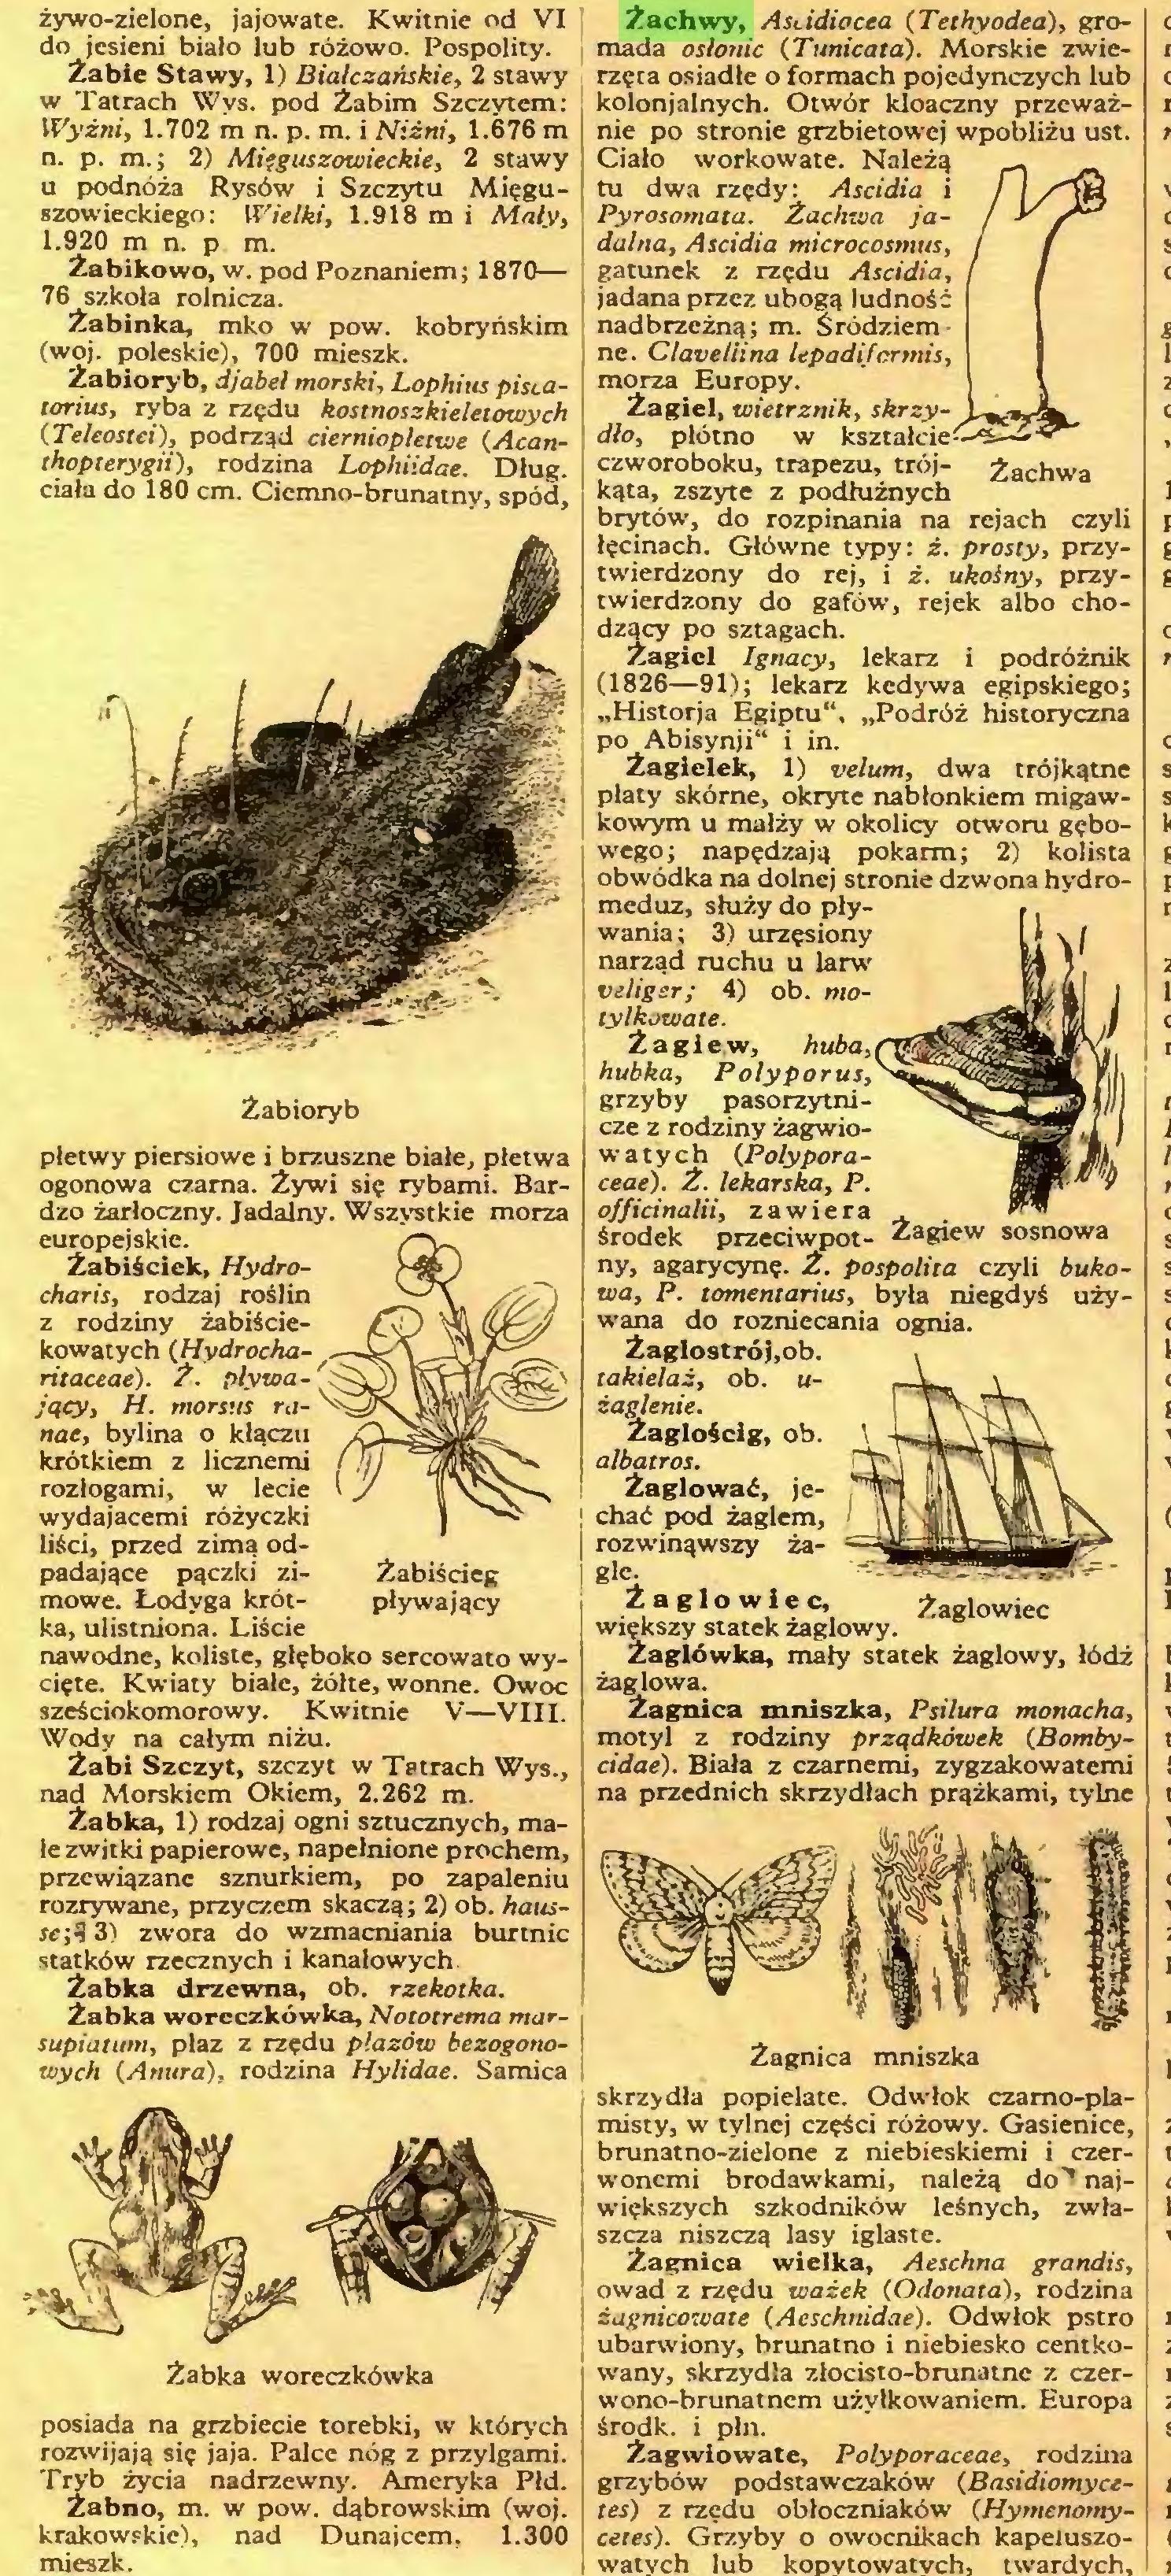 (...) krakowskie), nad Dunajcem, 1.300 mieszk. Żachwy, Astidiocea (Tethyodea), gromada osłonie {Tunicata). Morskie zwierzęta osiadłe o formach pojedynczych lub kolonialnych. Otwór kloaczny przeważnie po stronie grzbietowej wpobliżu ust...